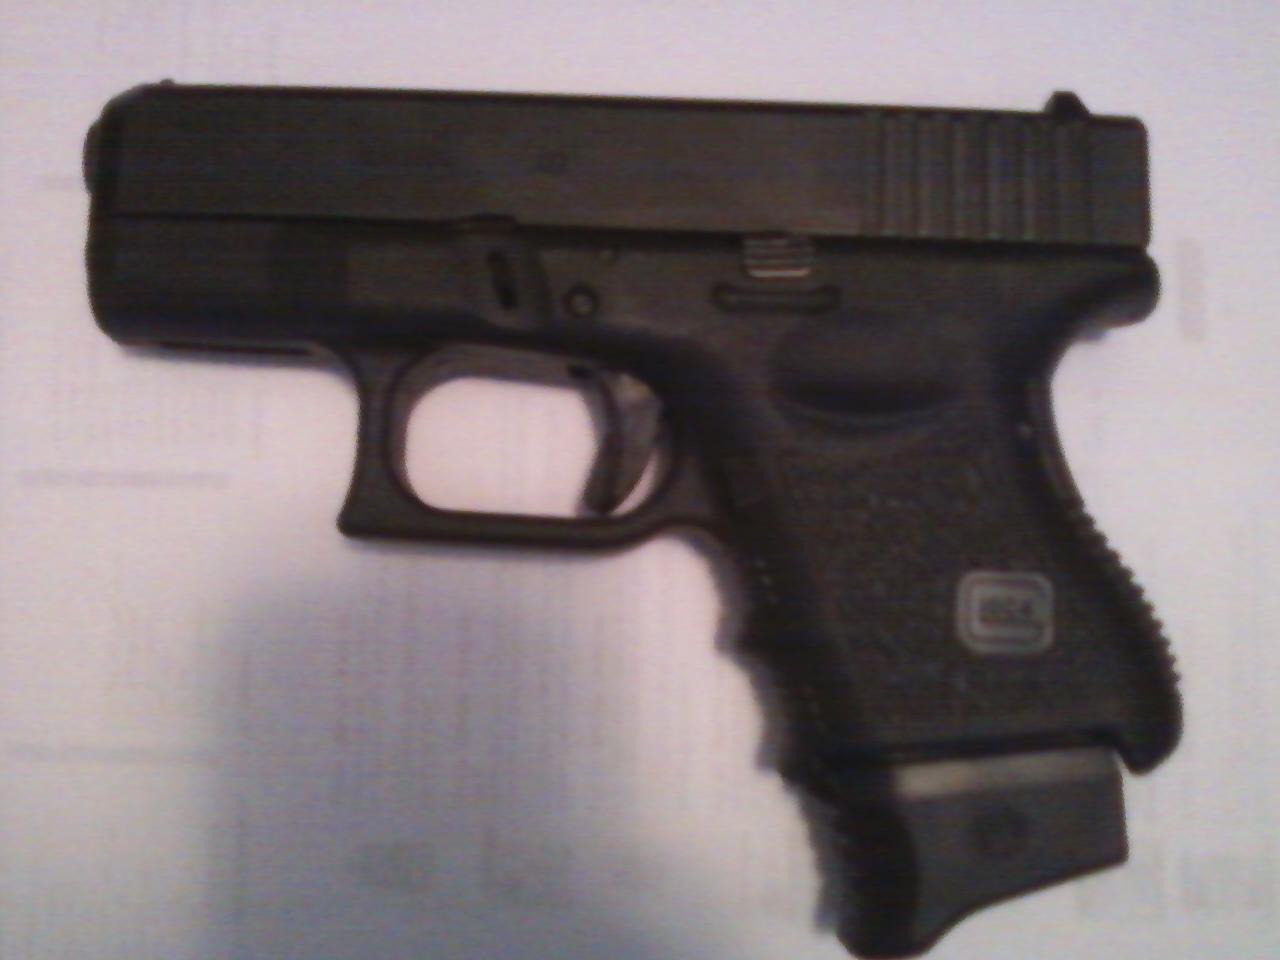 WTS: Glock G27 Gen 3 w/2 Mags, Panama City, FL 0-glock2.jpg